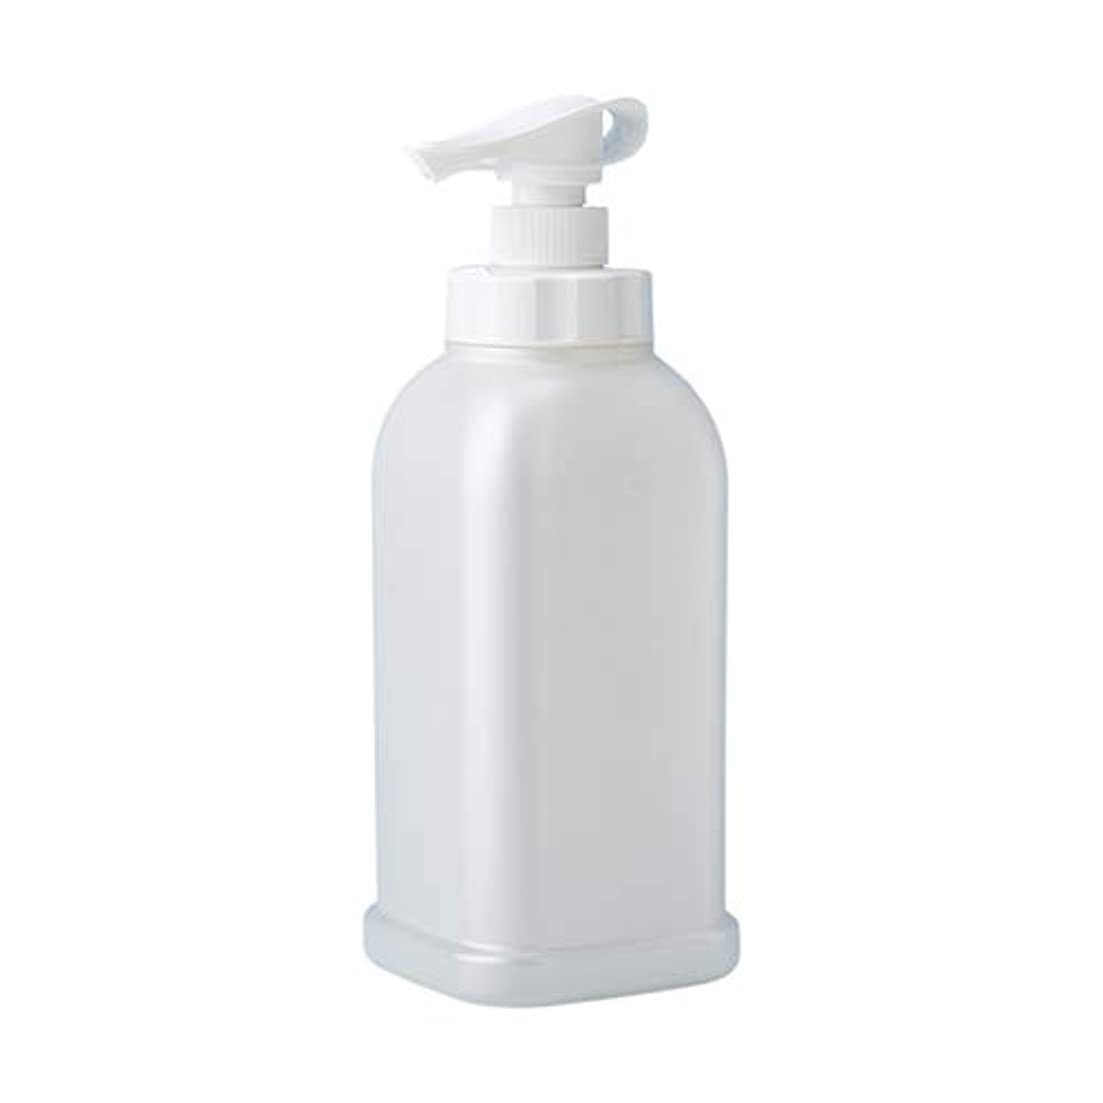 承知しました超越する防止安定感のある ポンプボトル シャンプー コンディショナー リンス ボディソープ ハンドソープ 1.2L詰め替え容器 パールホワイト